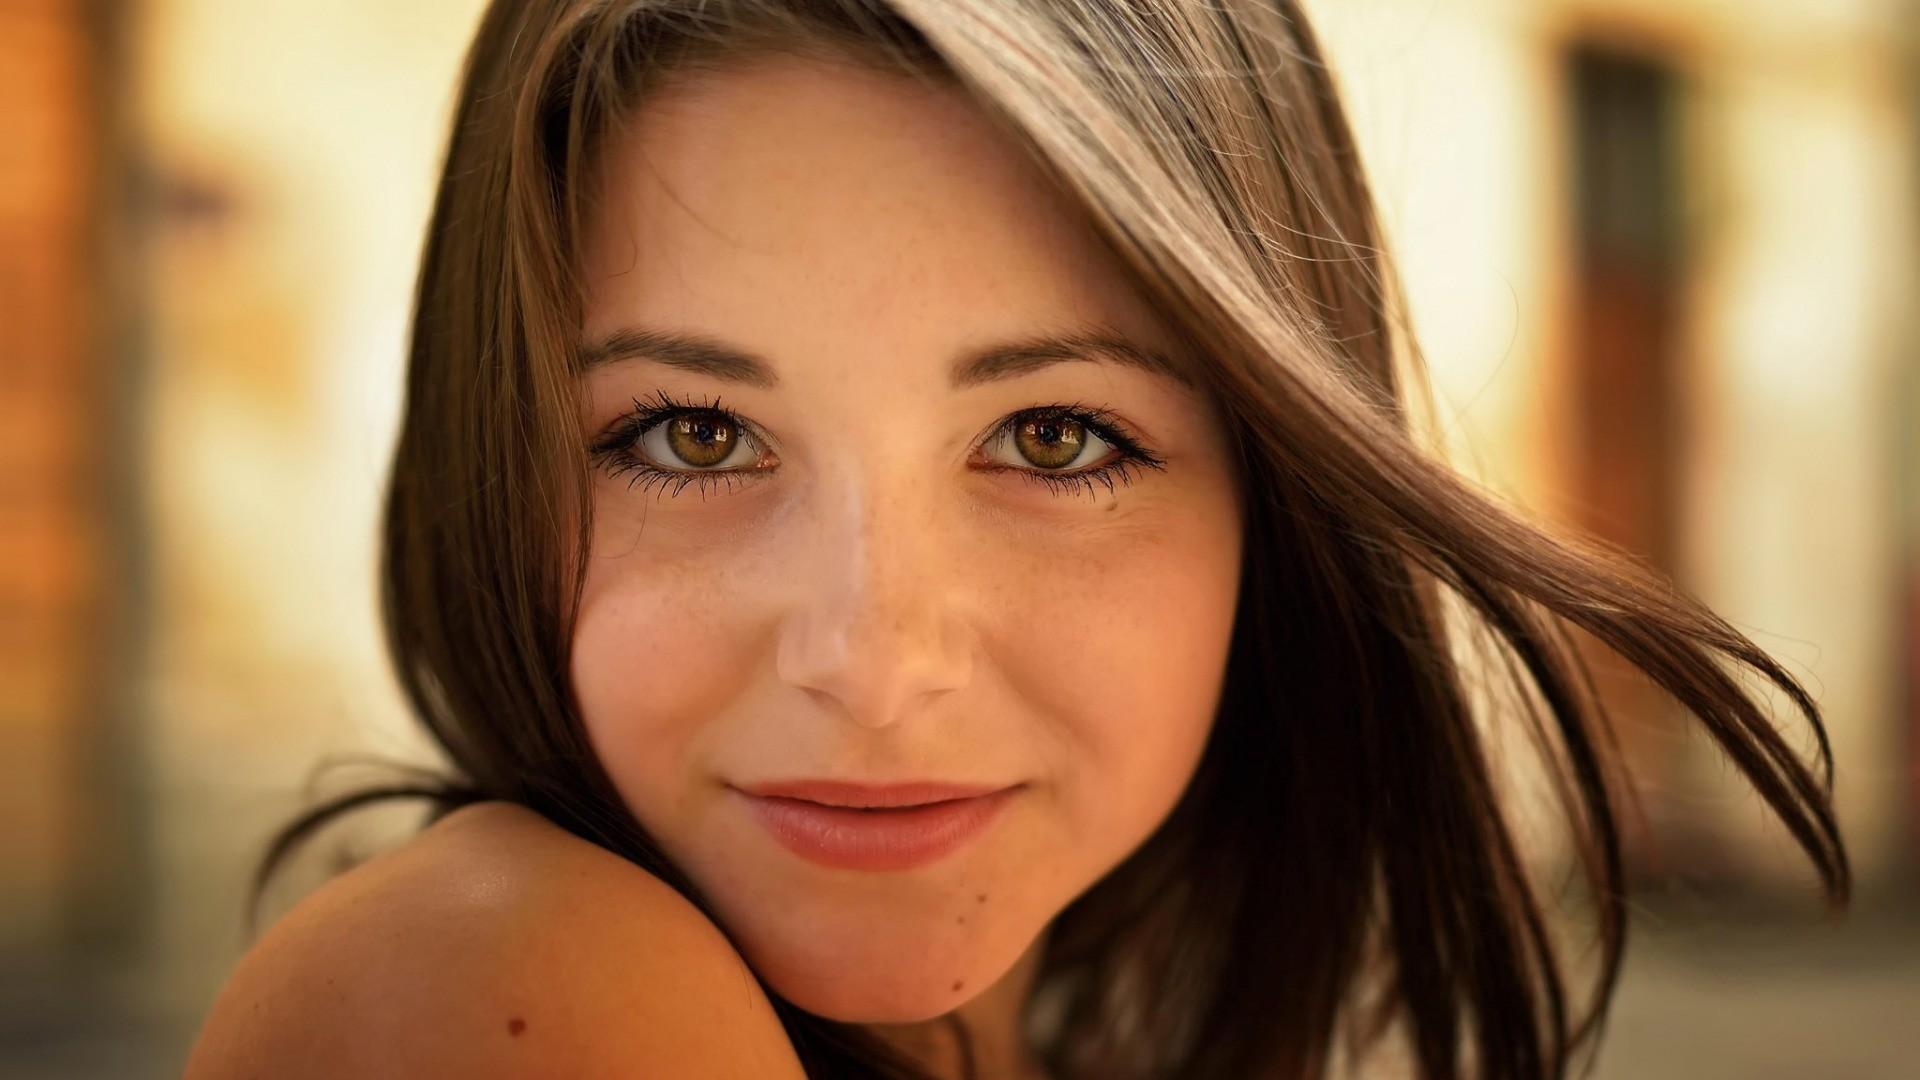 вітаємо лучшие фотографии люди лица синяком под глазом